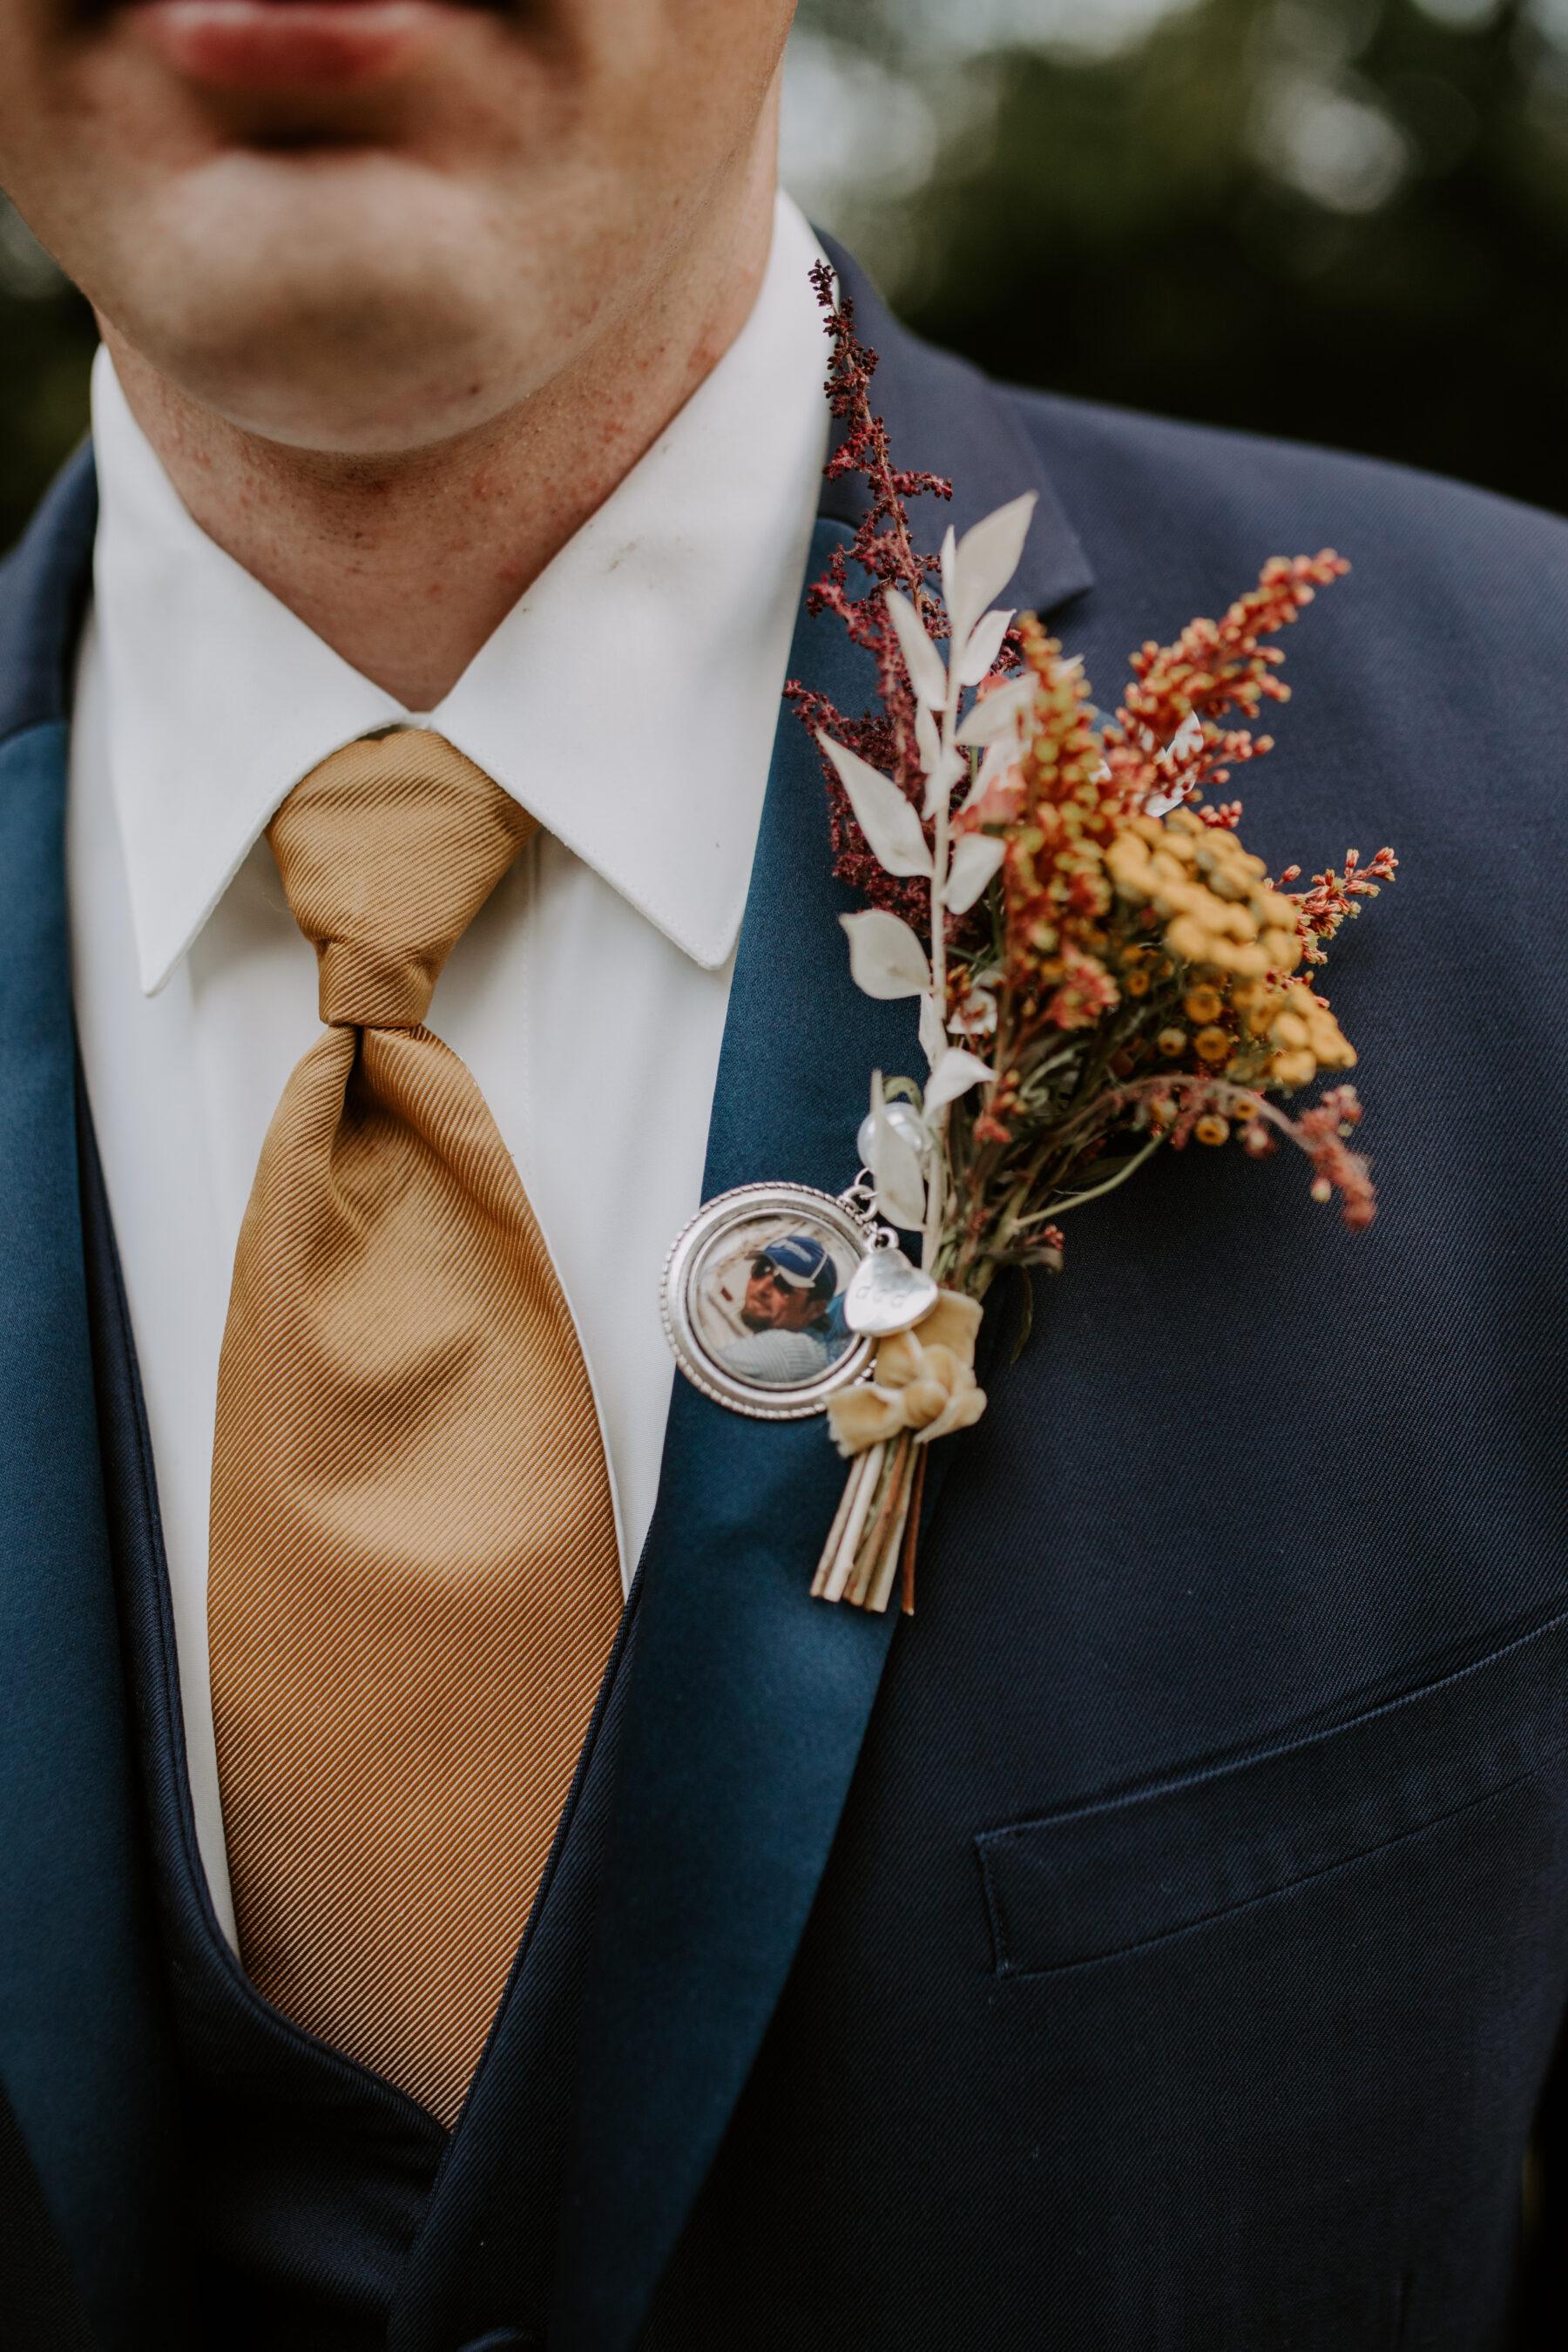 Bohemian wedding boutonniere